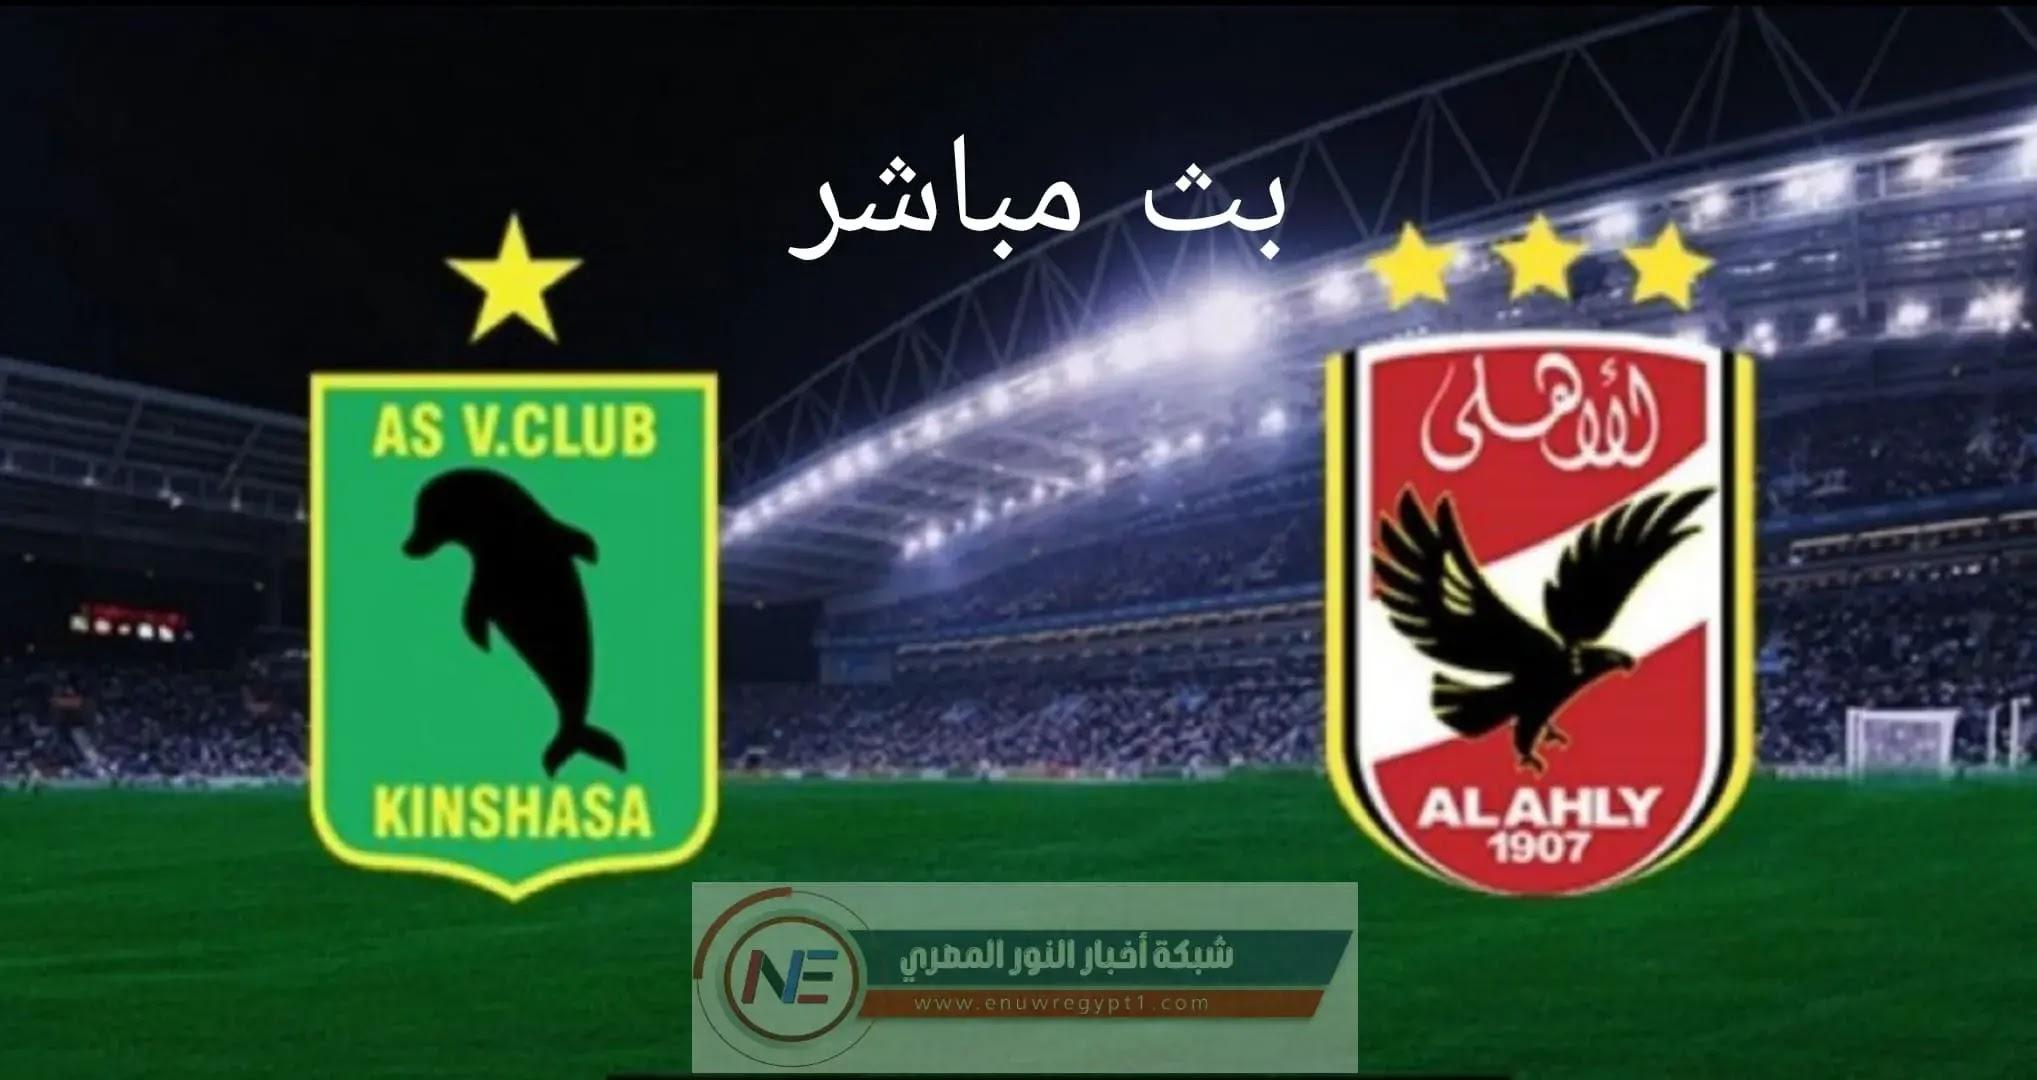 كورة ستار HD | لايف الان مشاهدة مباراة الاهلي و فيتا كلوب بث مباشر اليوم 16-03-2021 في دورى ابطال افريقيا بجودة عالية بتعليق عربي